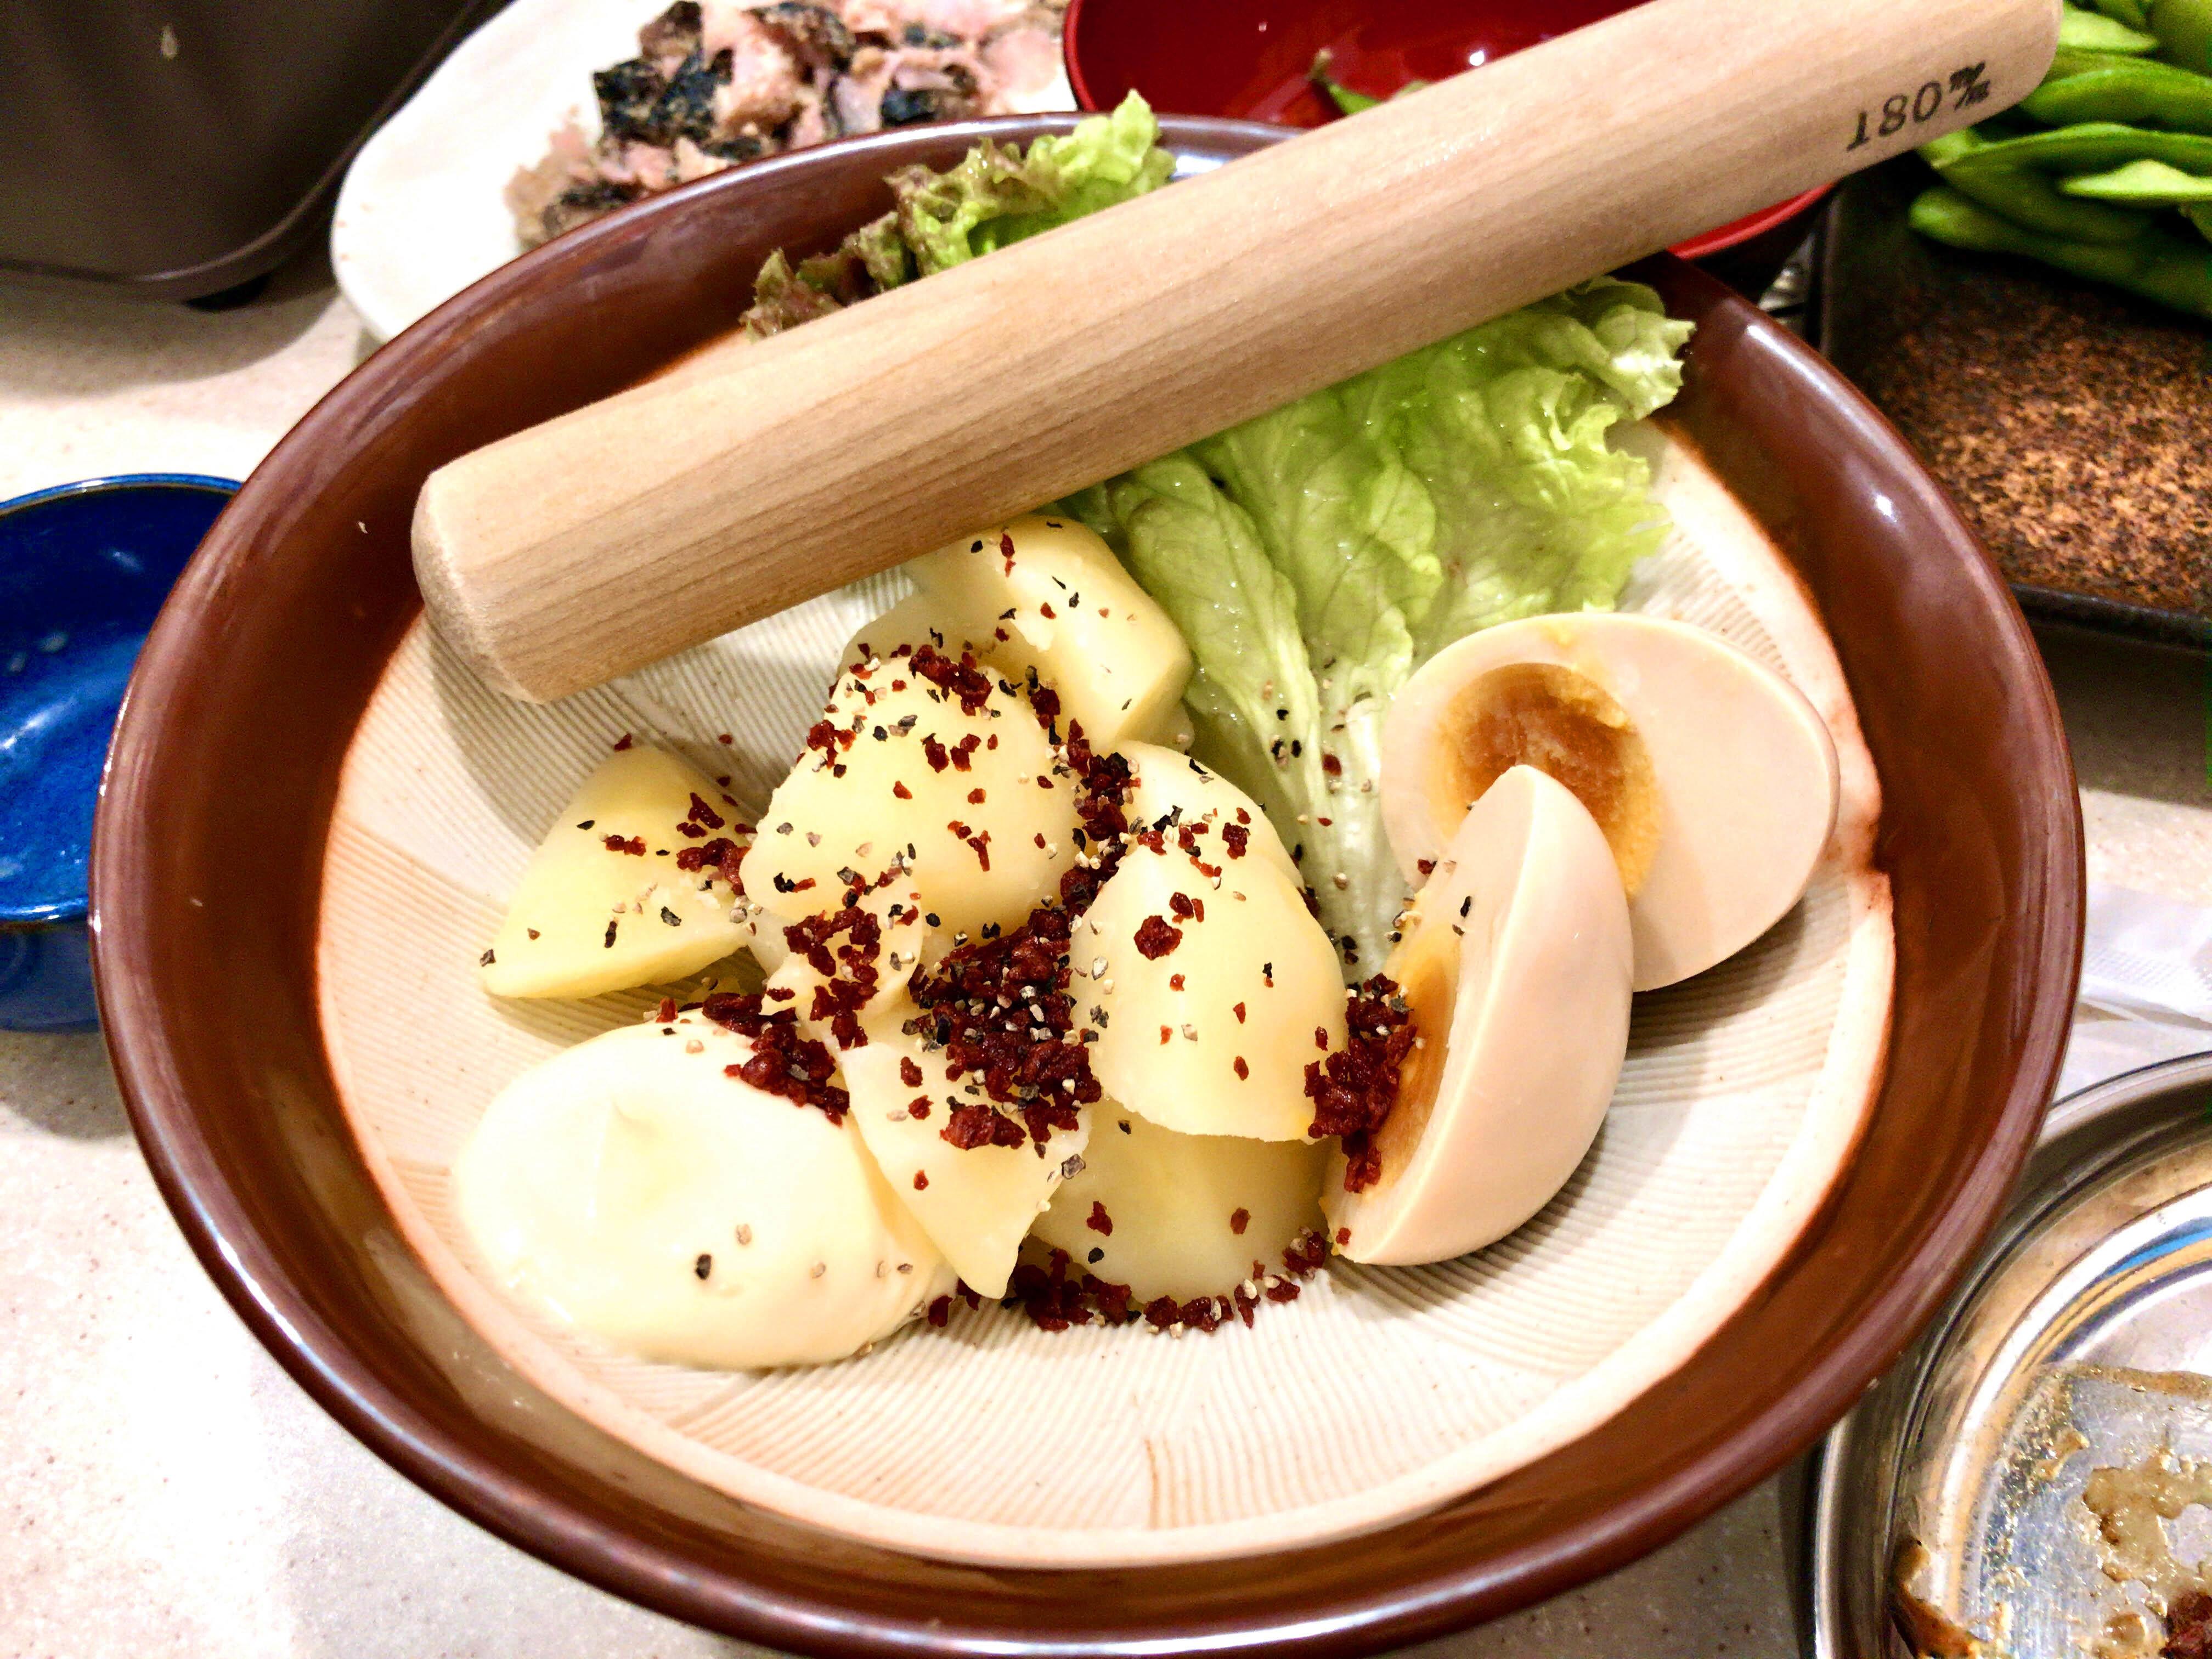 ポテトサラダ 430円